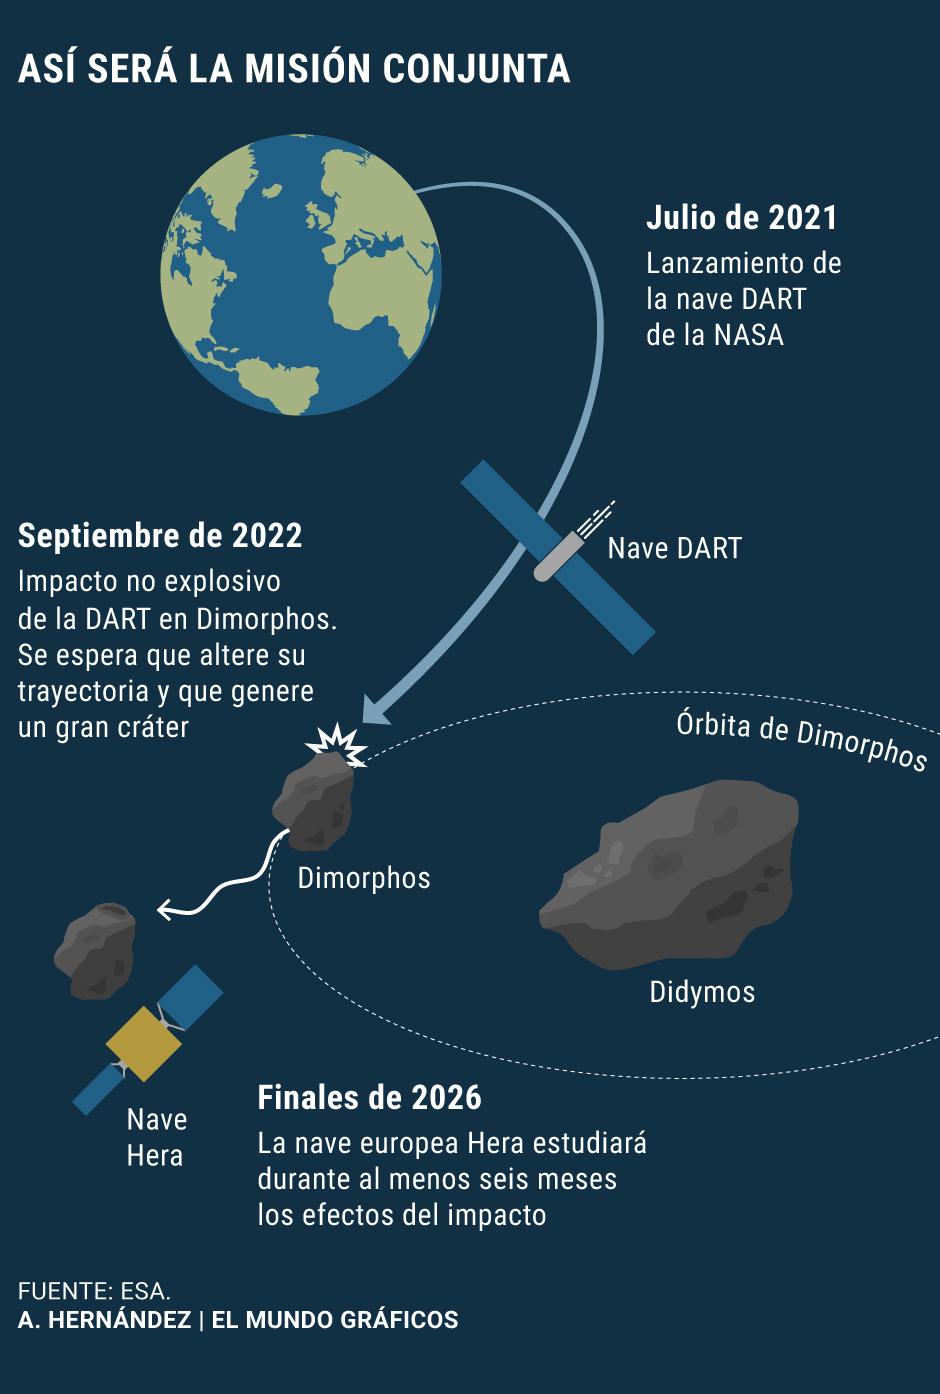 Europa pone en marcha su primera mision para aprender a desviar asteroides peligrosos